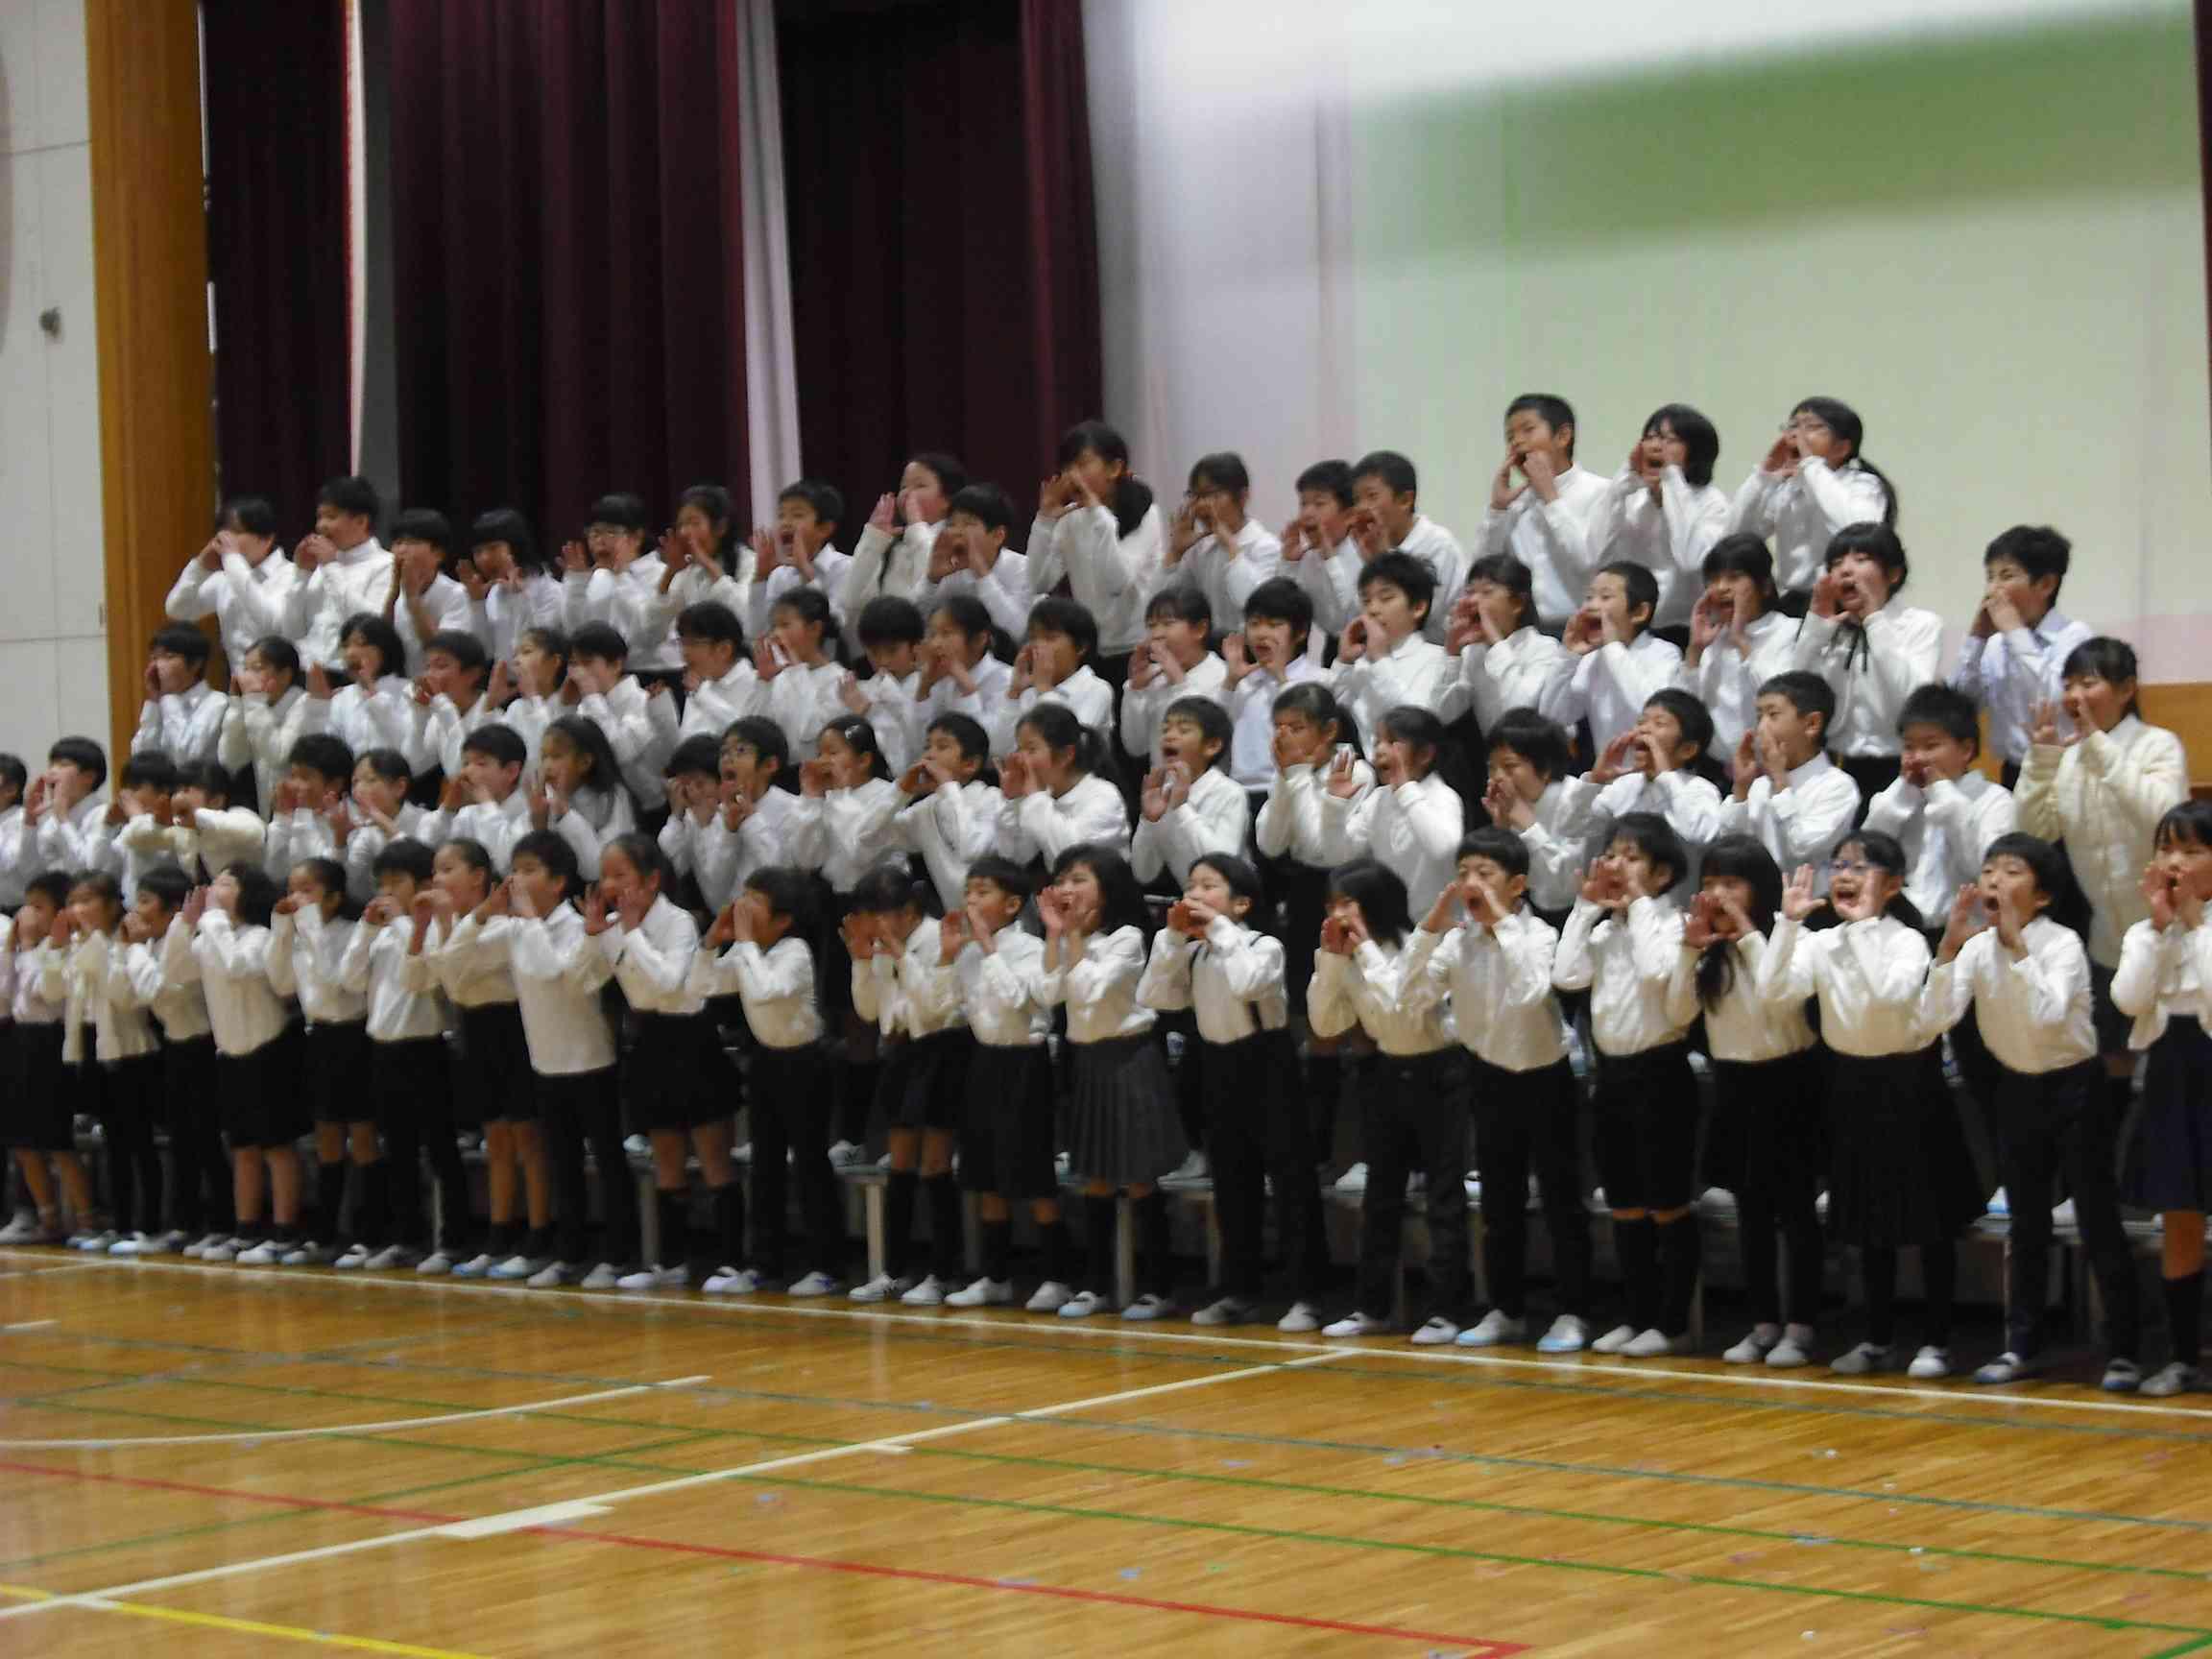 DSCF3063.JPG